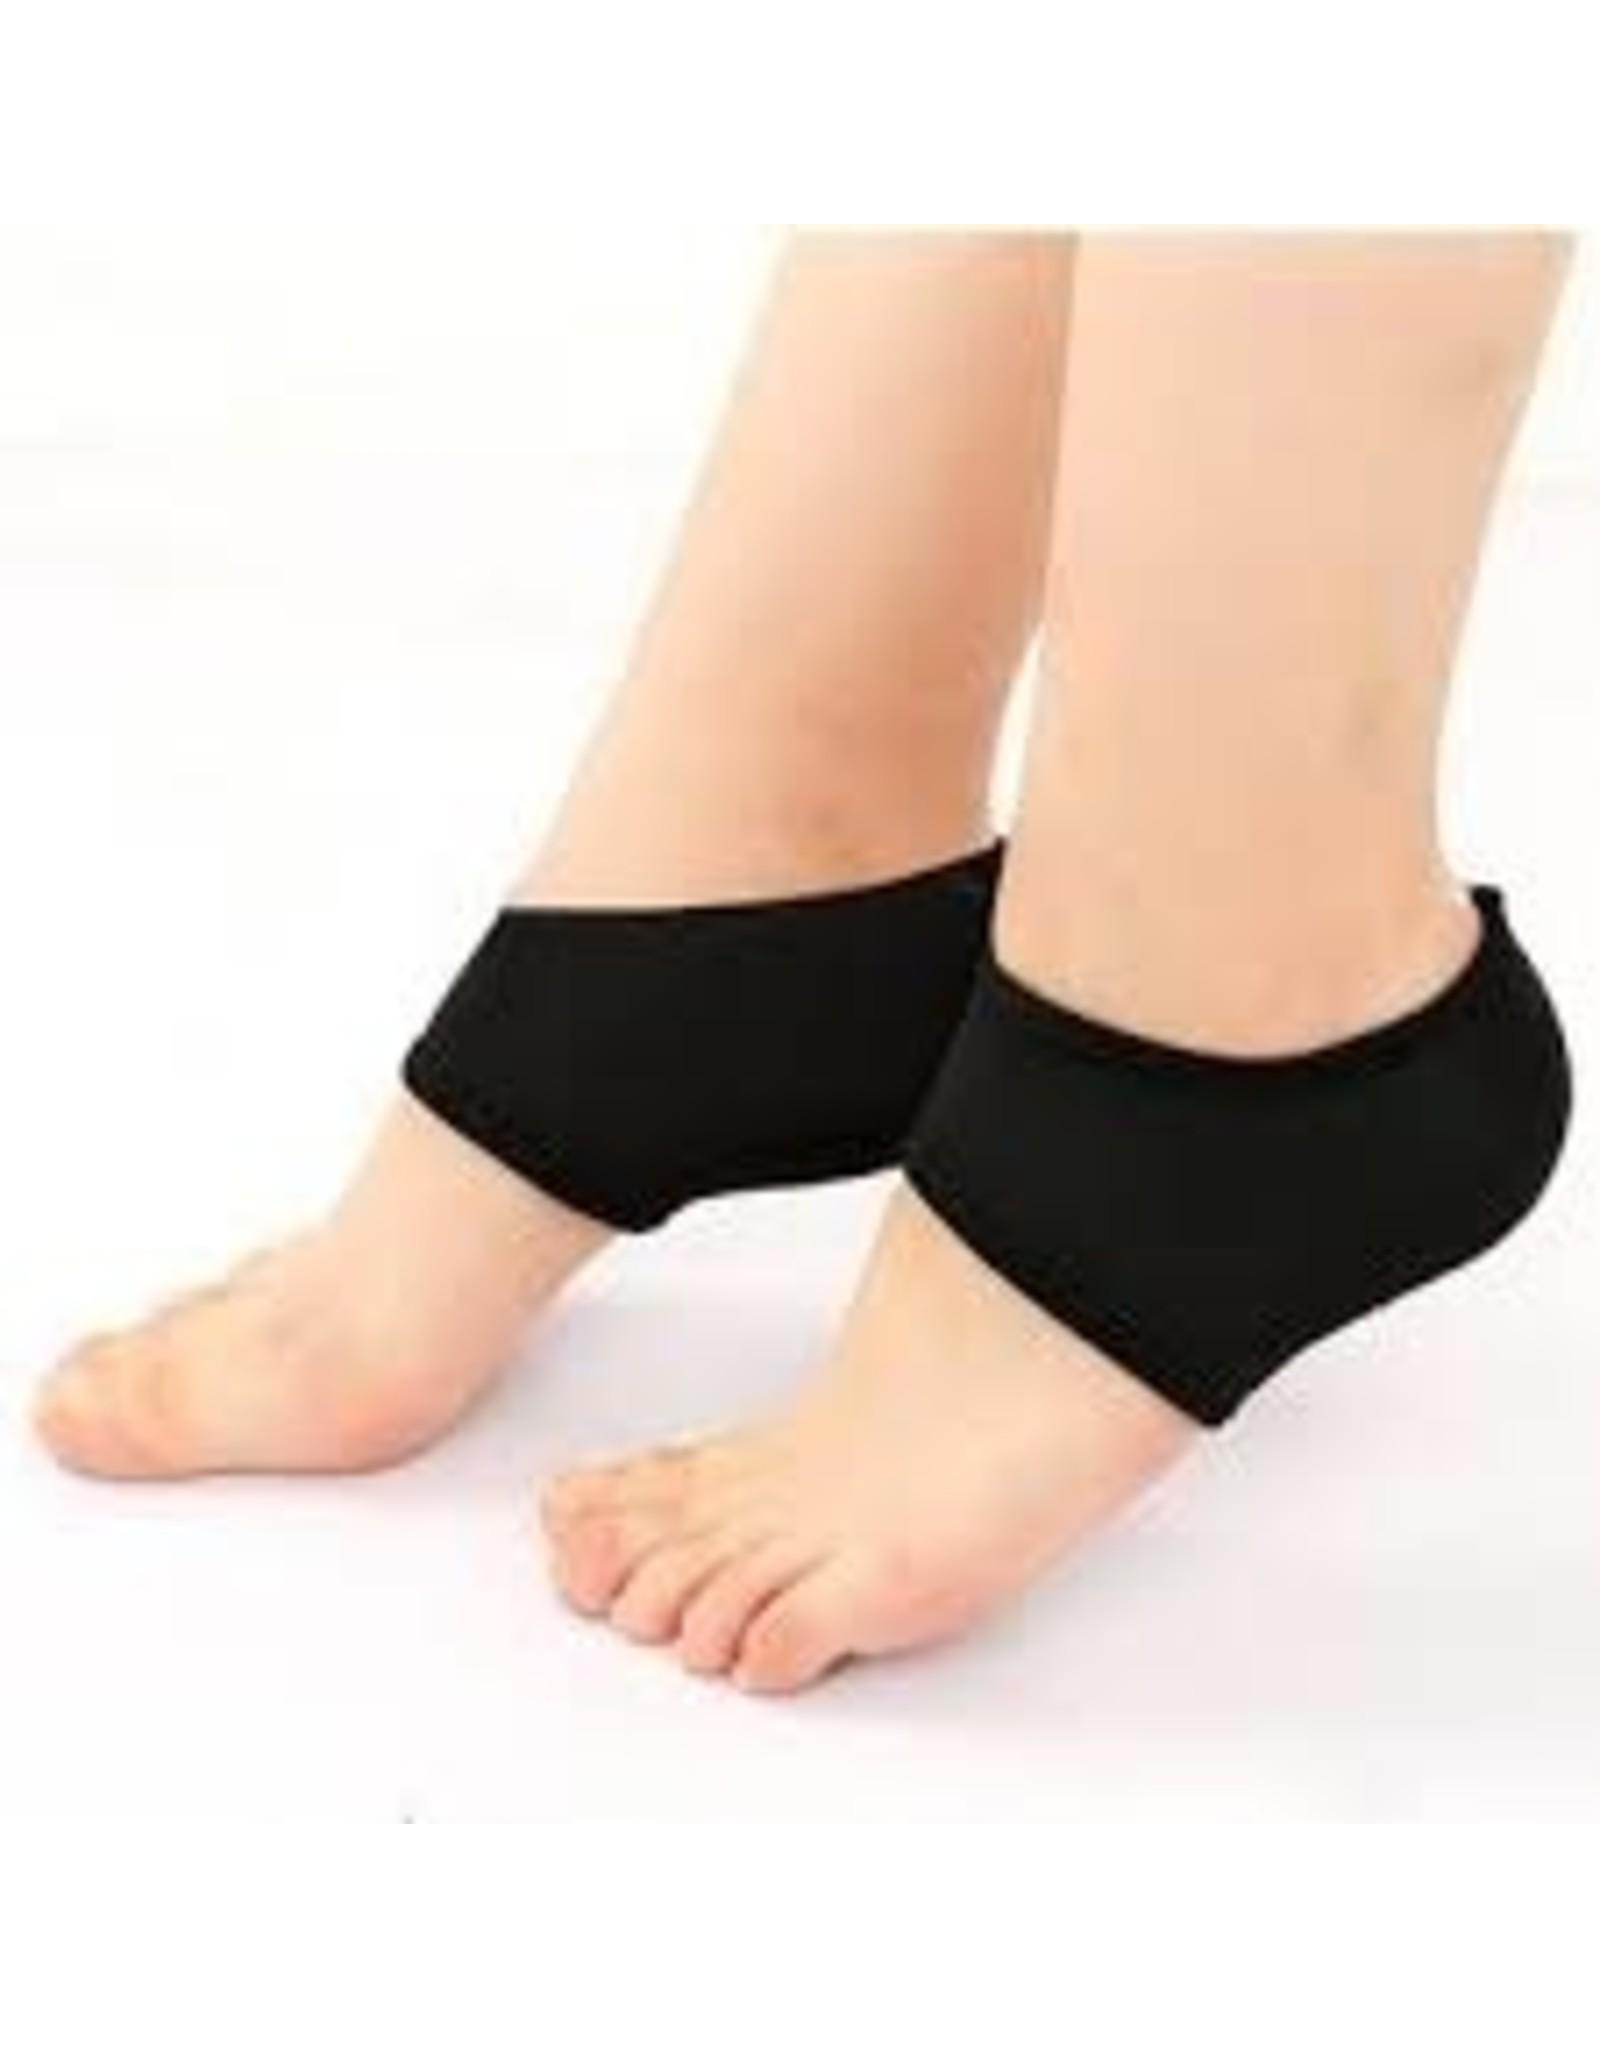 Irish Heel Pads